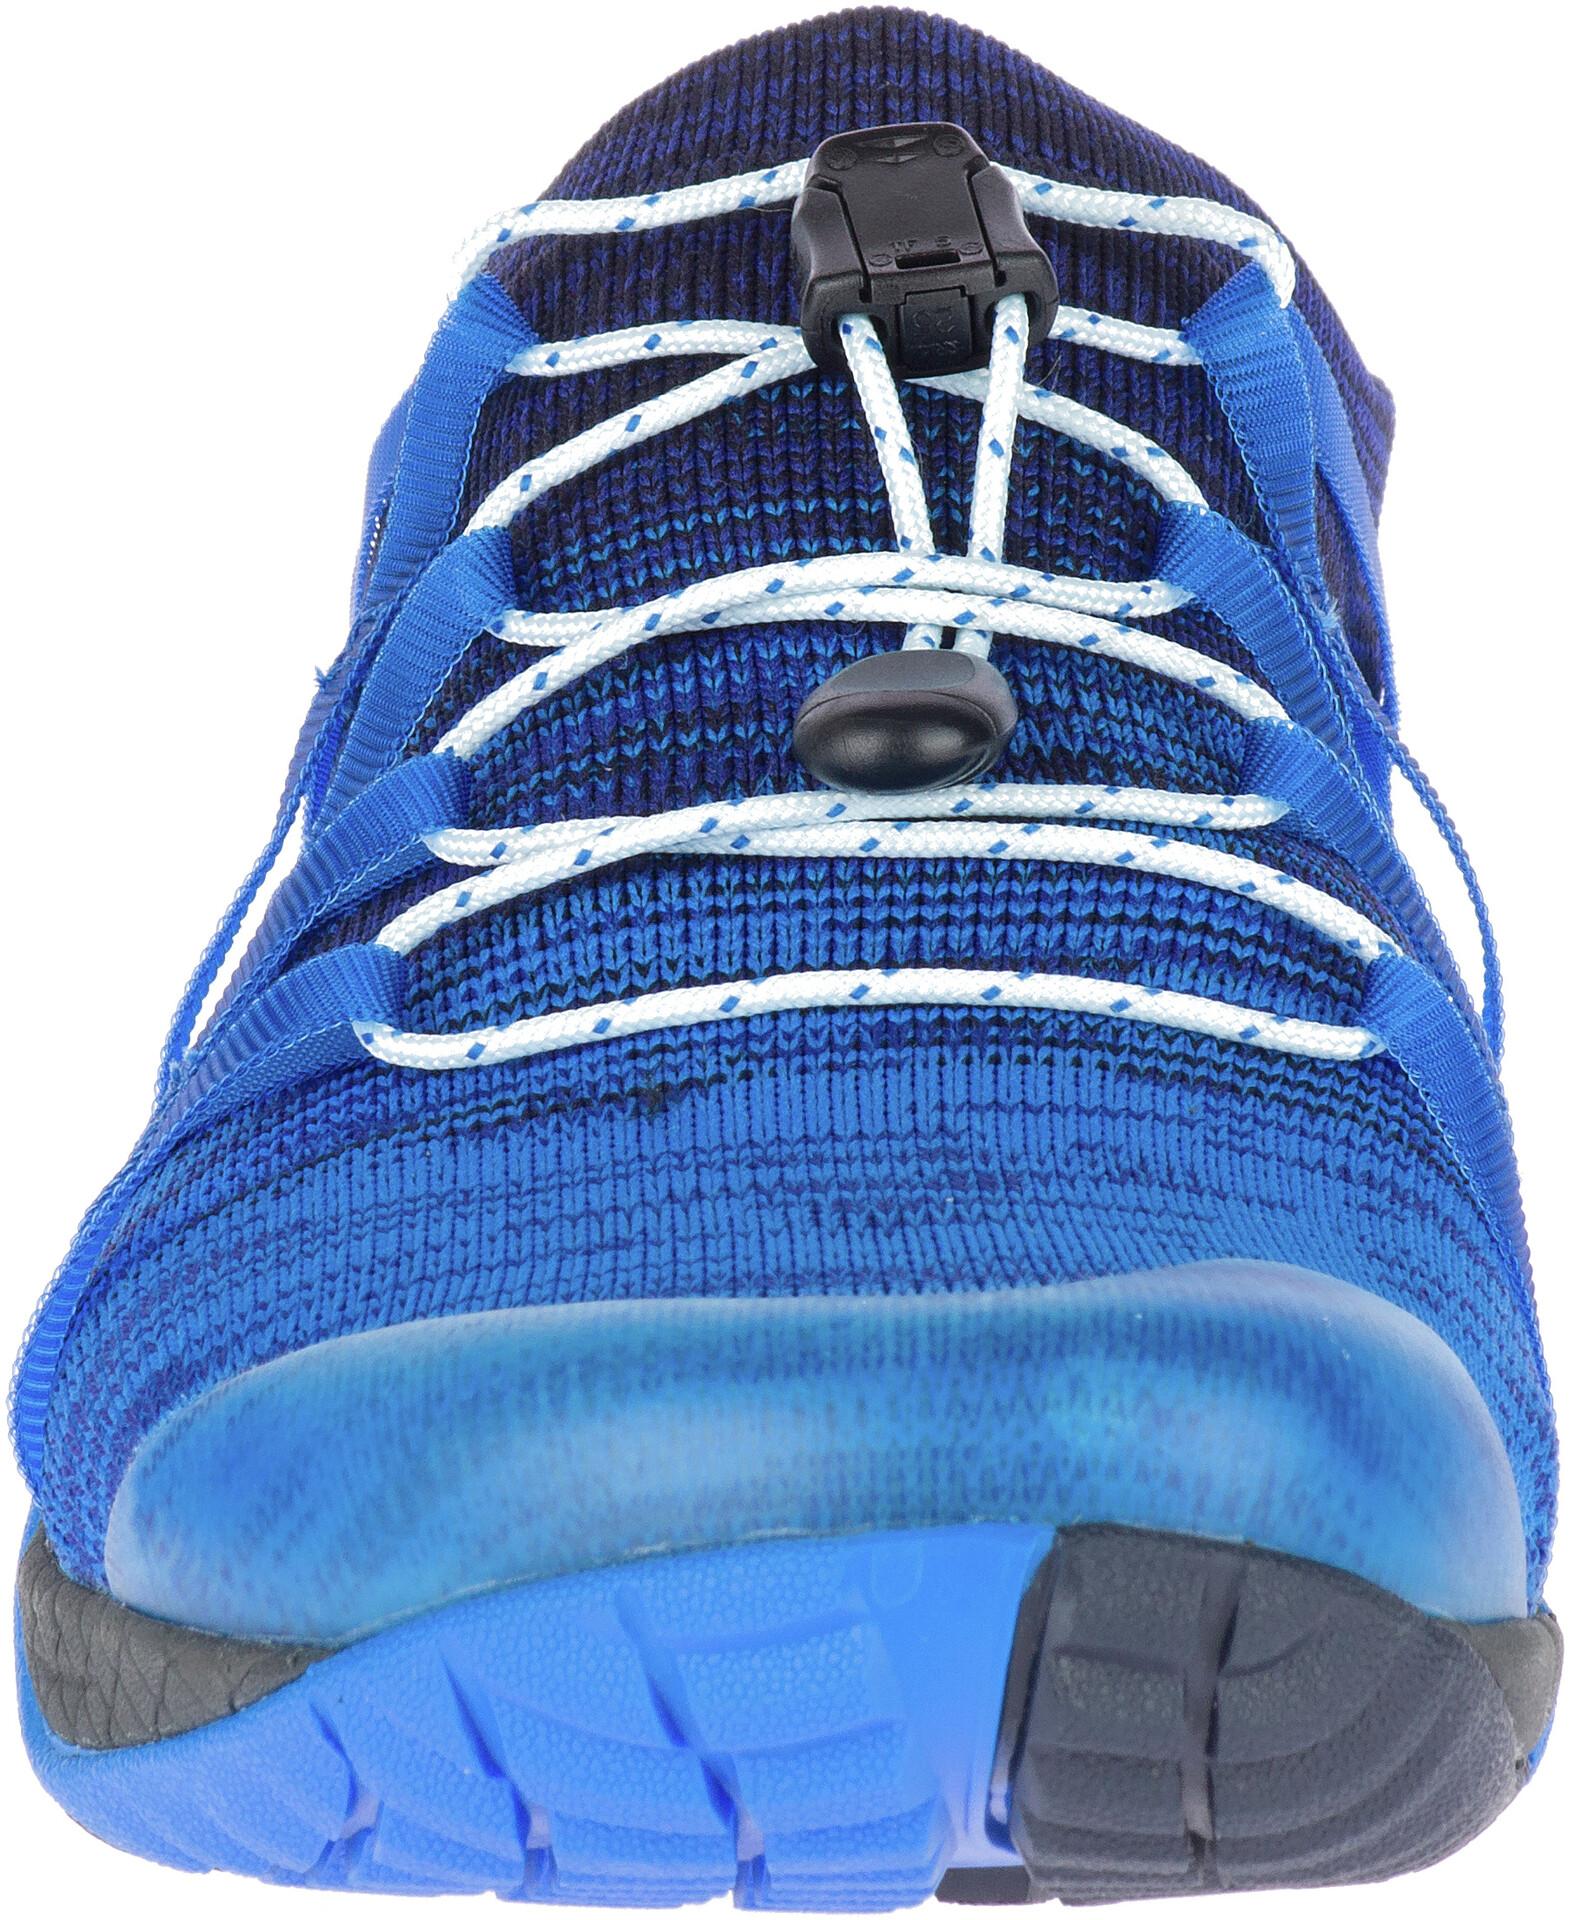 Merrell Trail Glove 4 Knit Chaussures Femme Grisbleu Sur Campz !